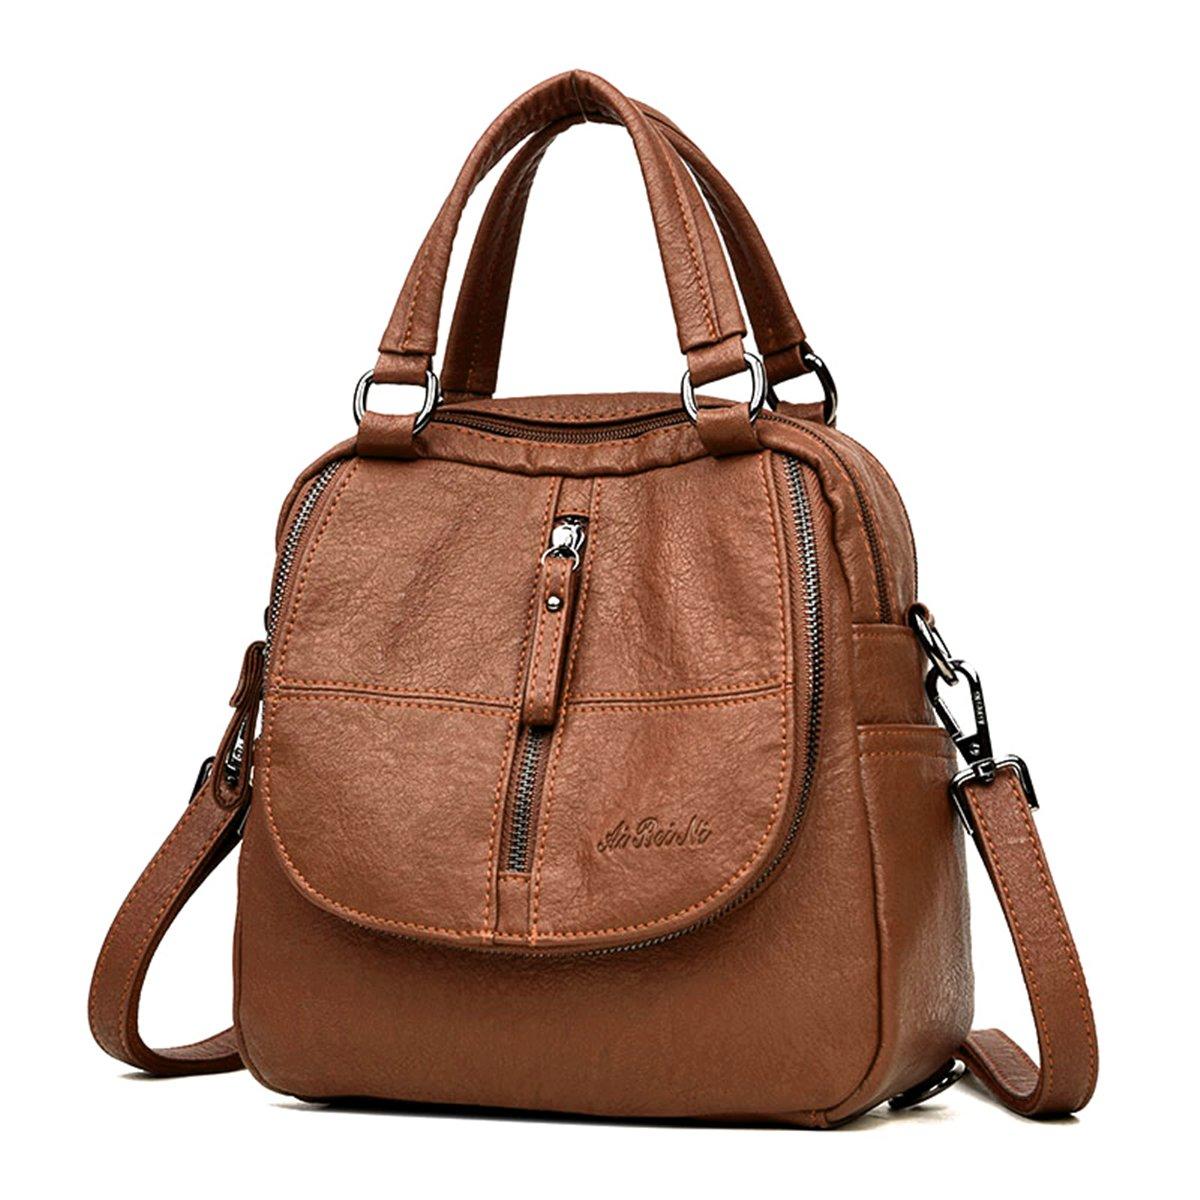 JOSEKO Women Backpack Purse, PU Washed Leather Shoulder Bag Ladies Travel Backpack Multifunction Handbag JOSEKOUSRnal1211